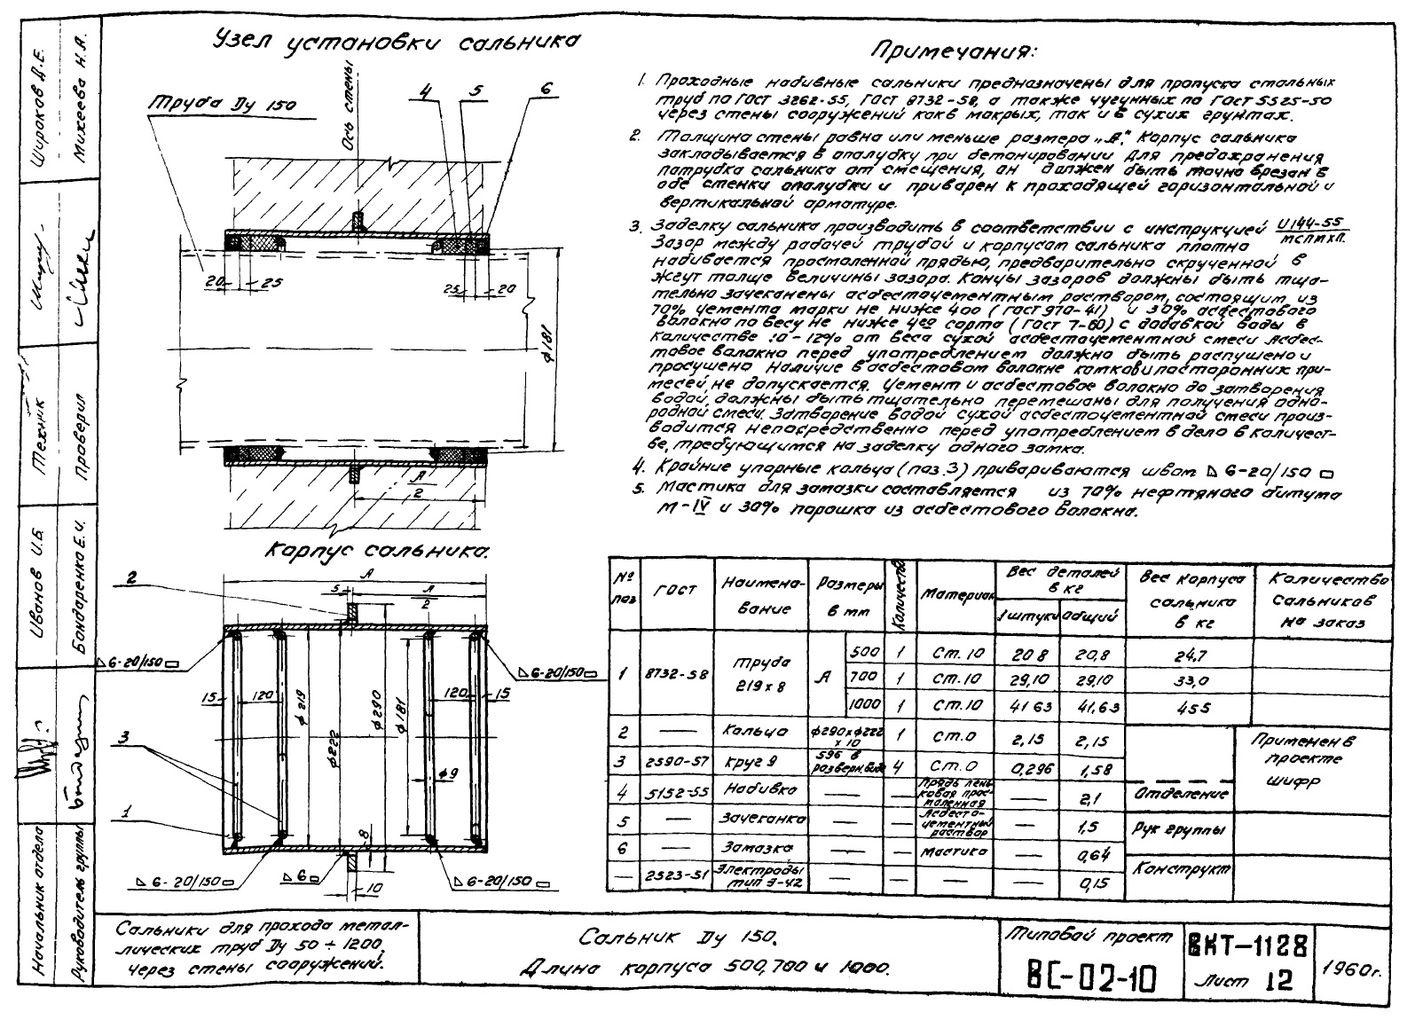 Сальники набивные L = 1000 мм типовой проект ВС-02-10 стр.5